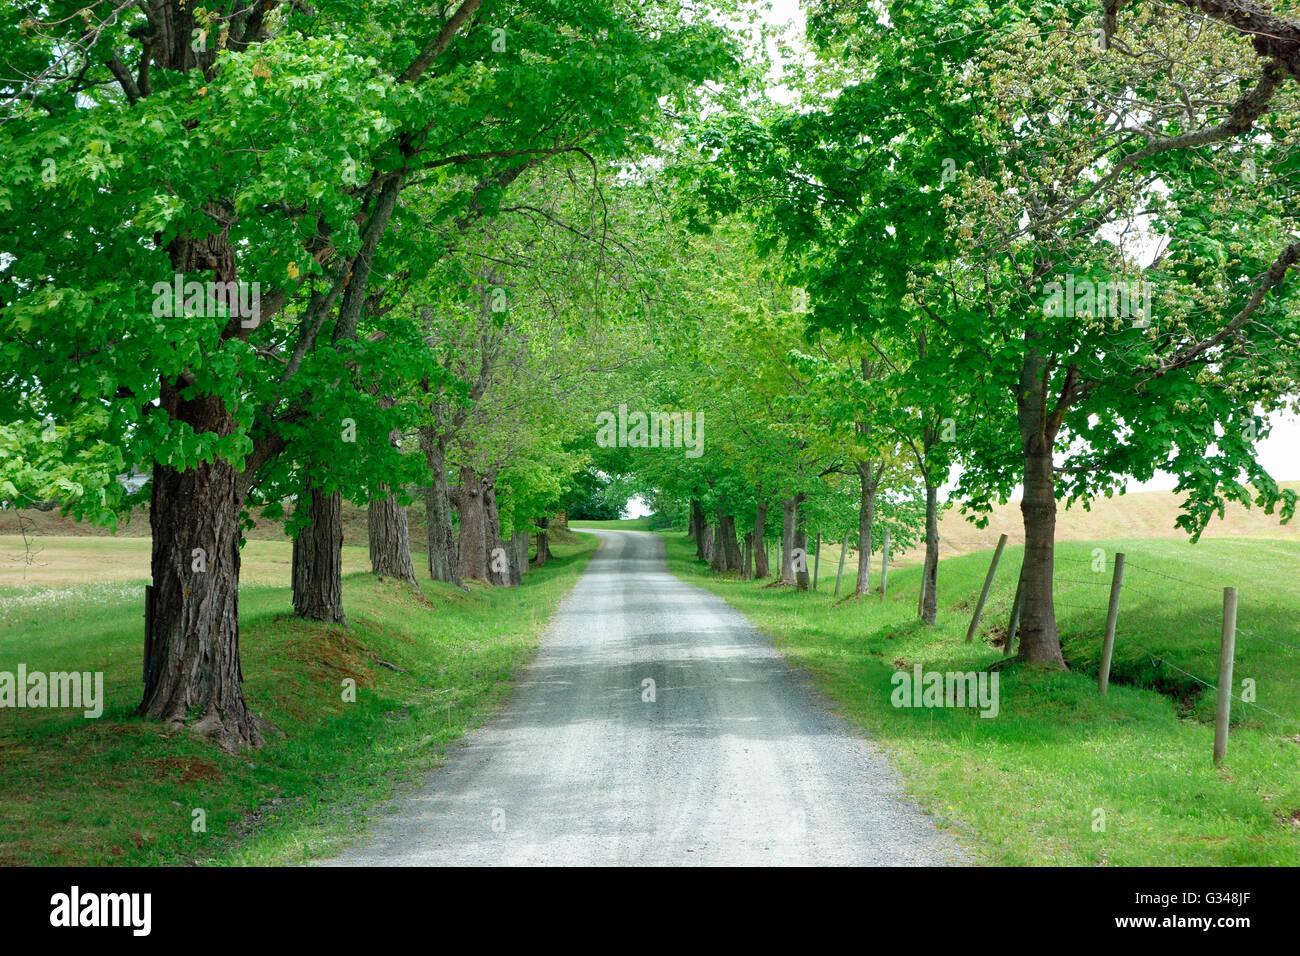 Un generico paese lane road con i campi, recinzione e alberi in primavera Immagini Stock